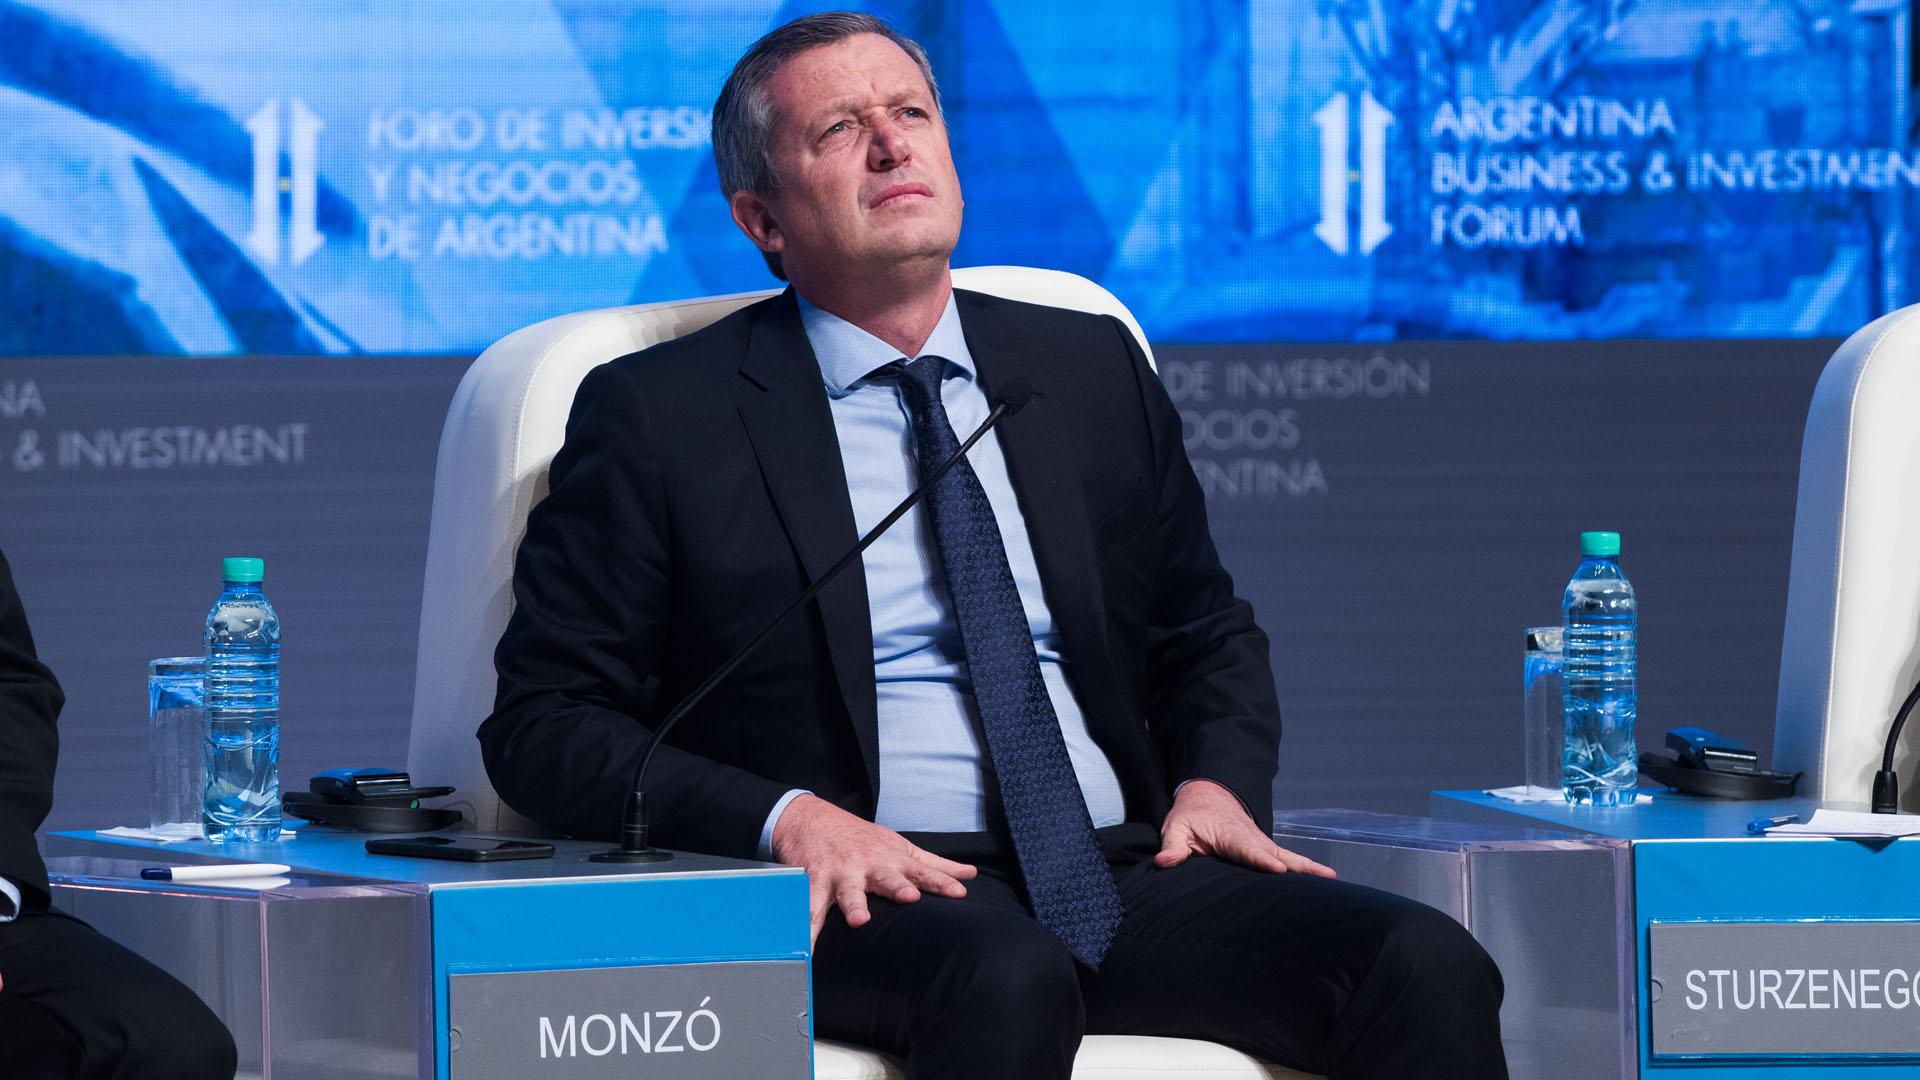 El presidente de la Cámara de Diputados de la Nación, Emilio Monzó